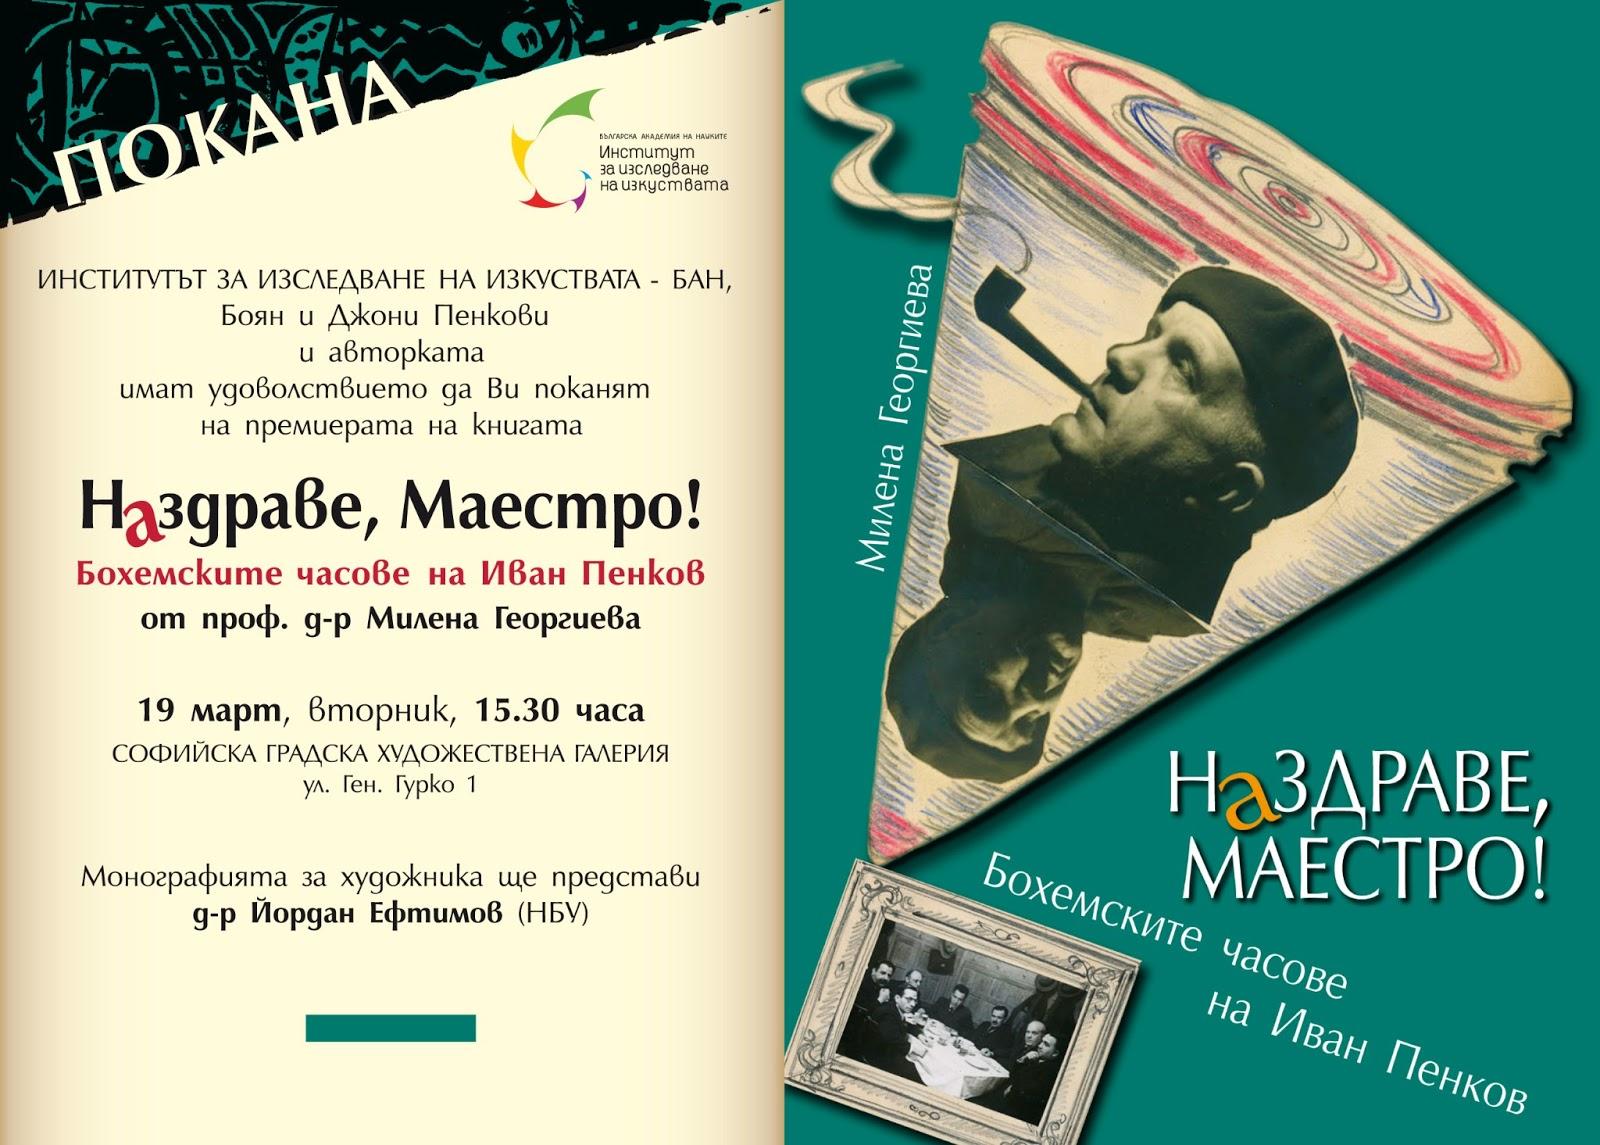 Иван Пенков Наздраве Маестро